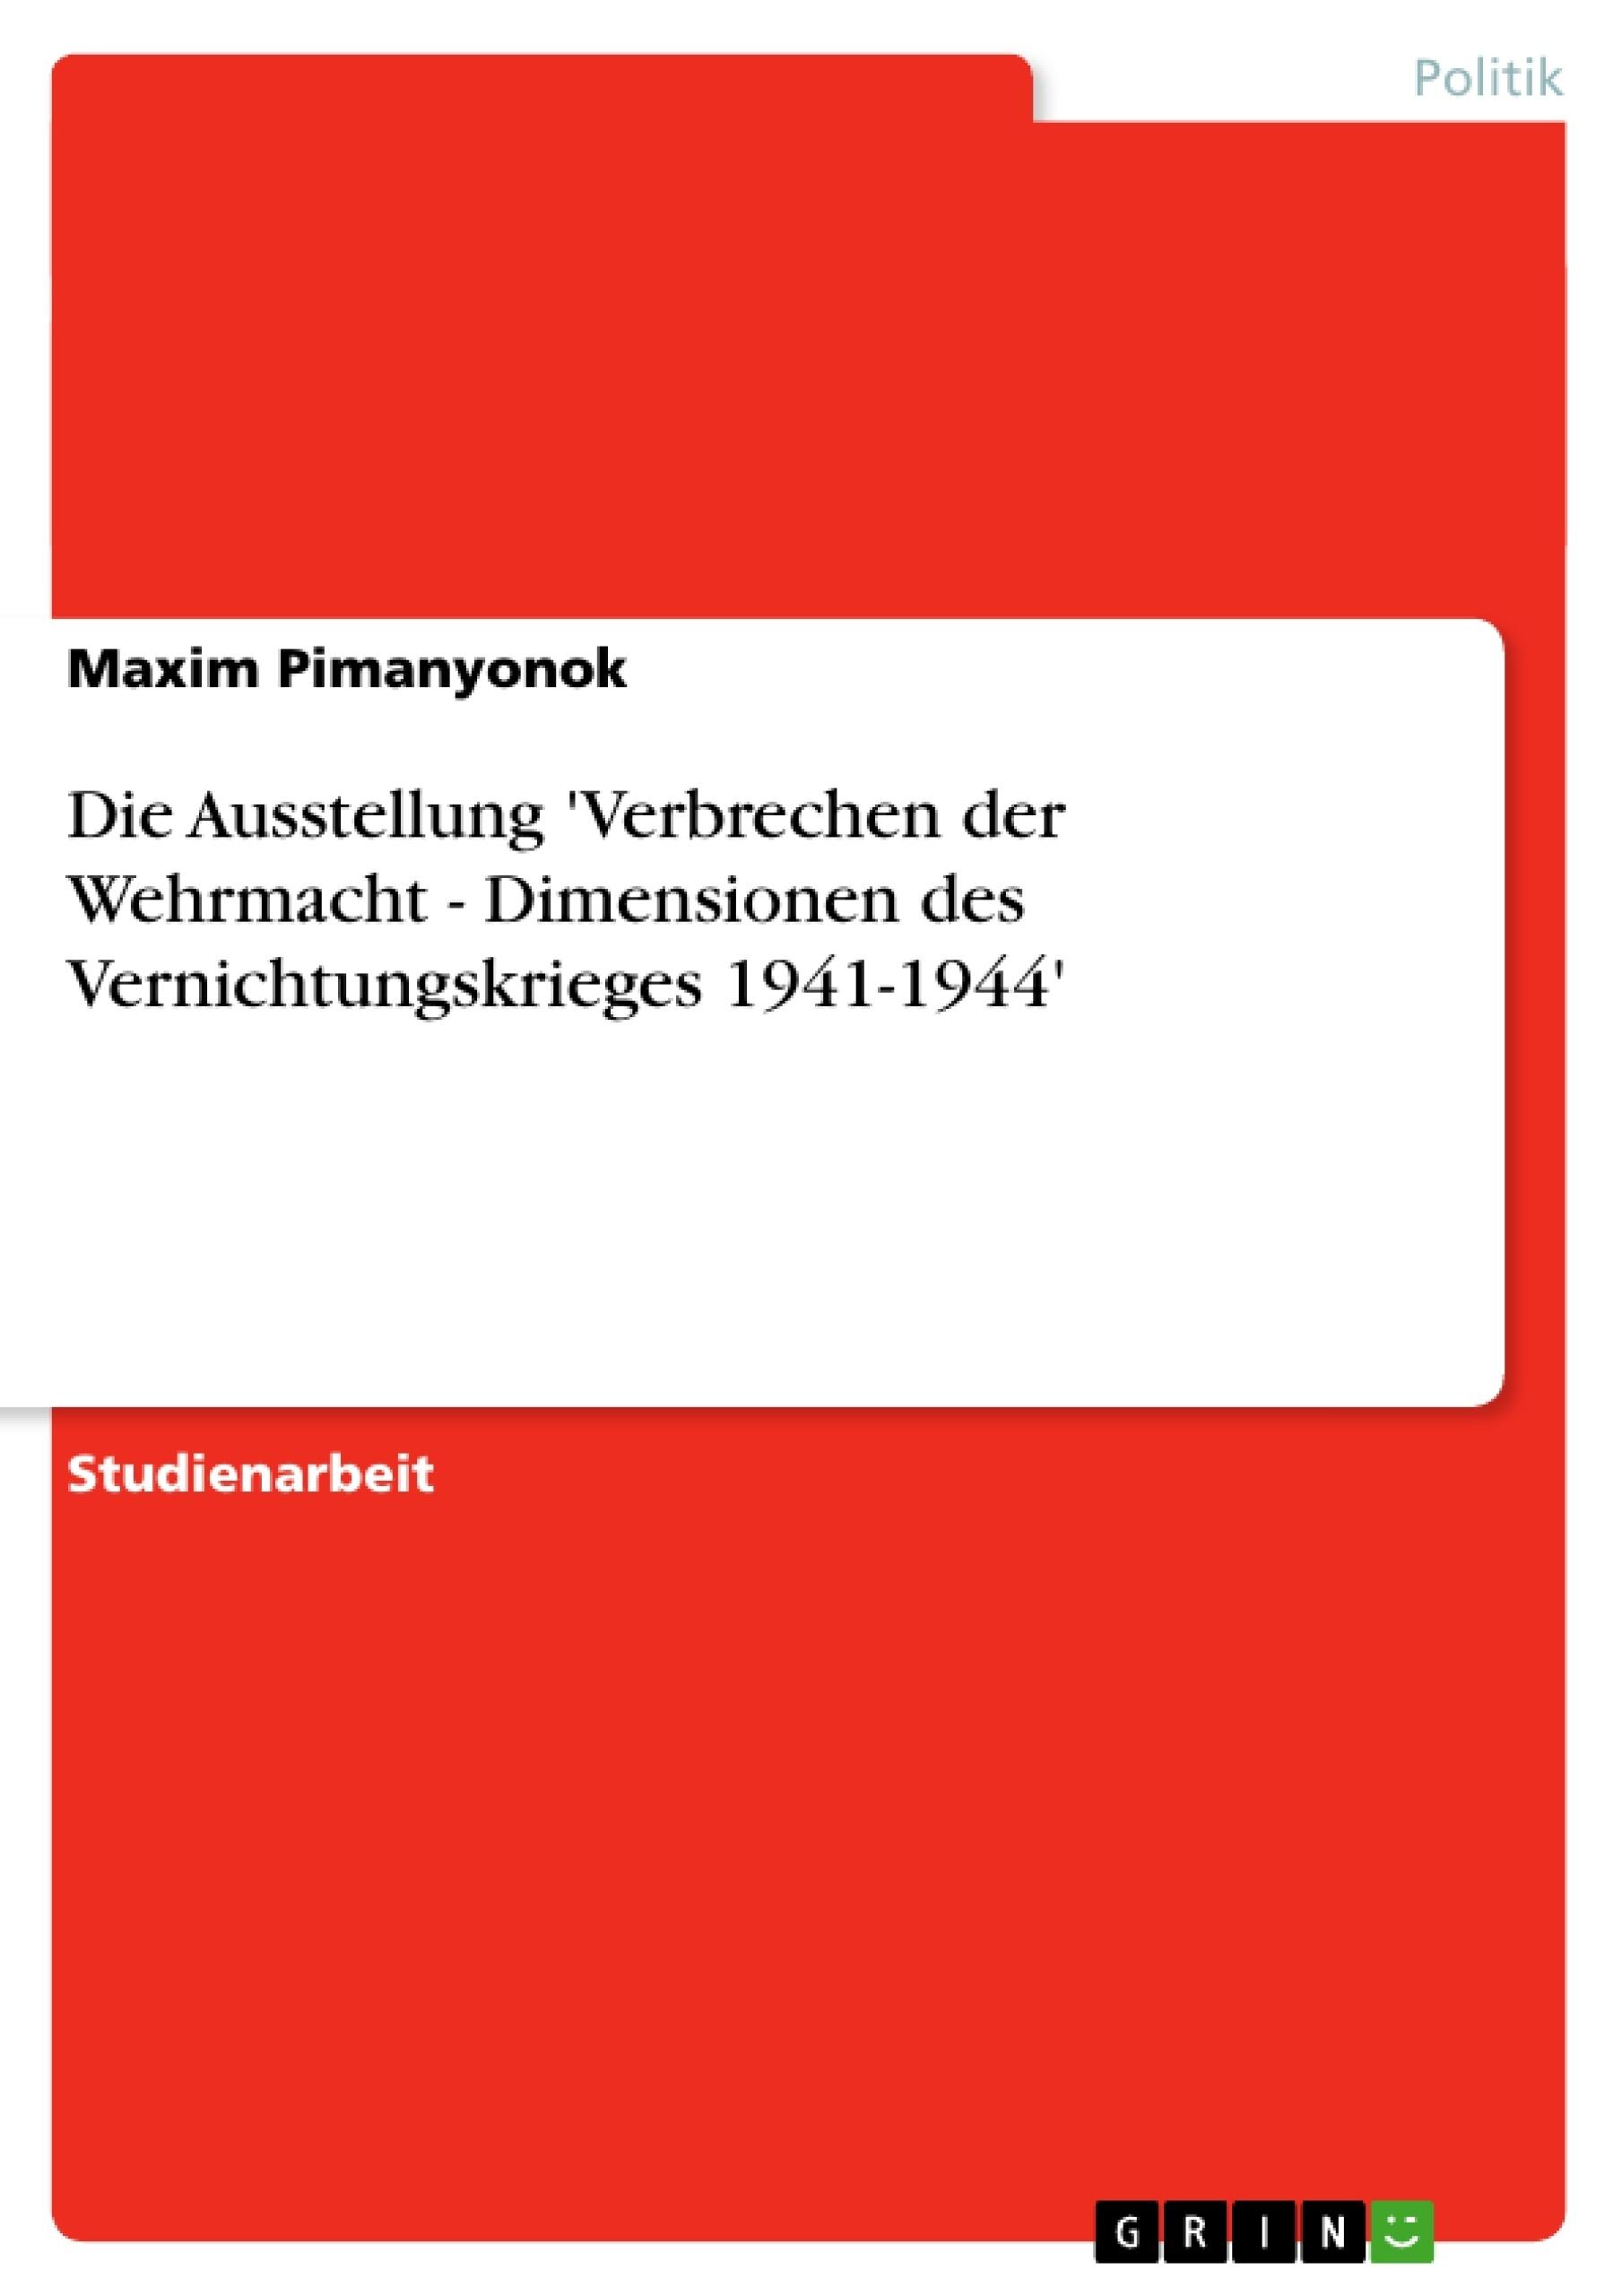 Titel: Die Ausstellung 'Verbrechen der Wehrmacht - Dimensionen des Vernichtungskrieges 1941-1944'